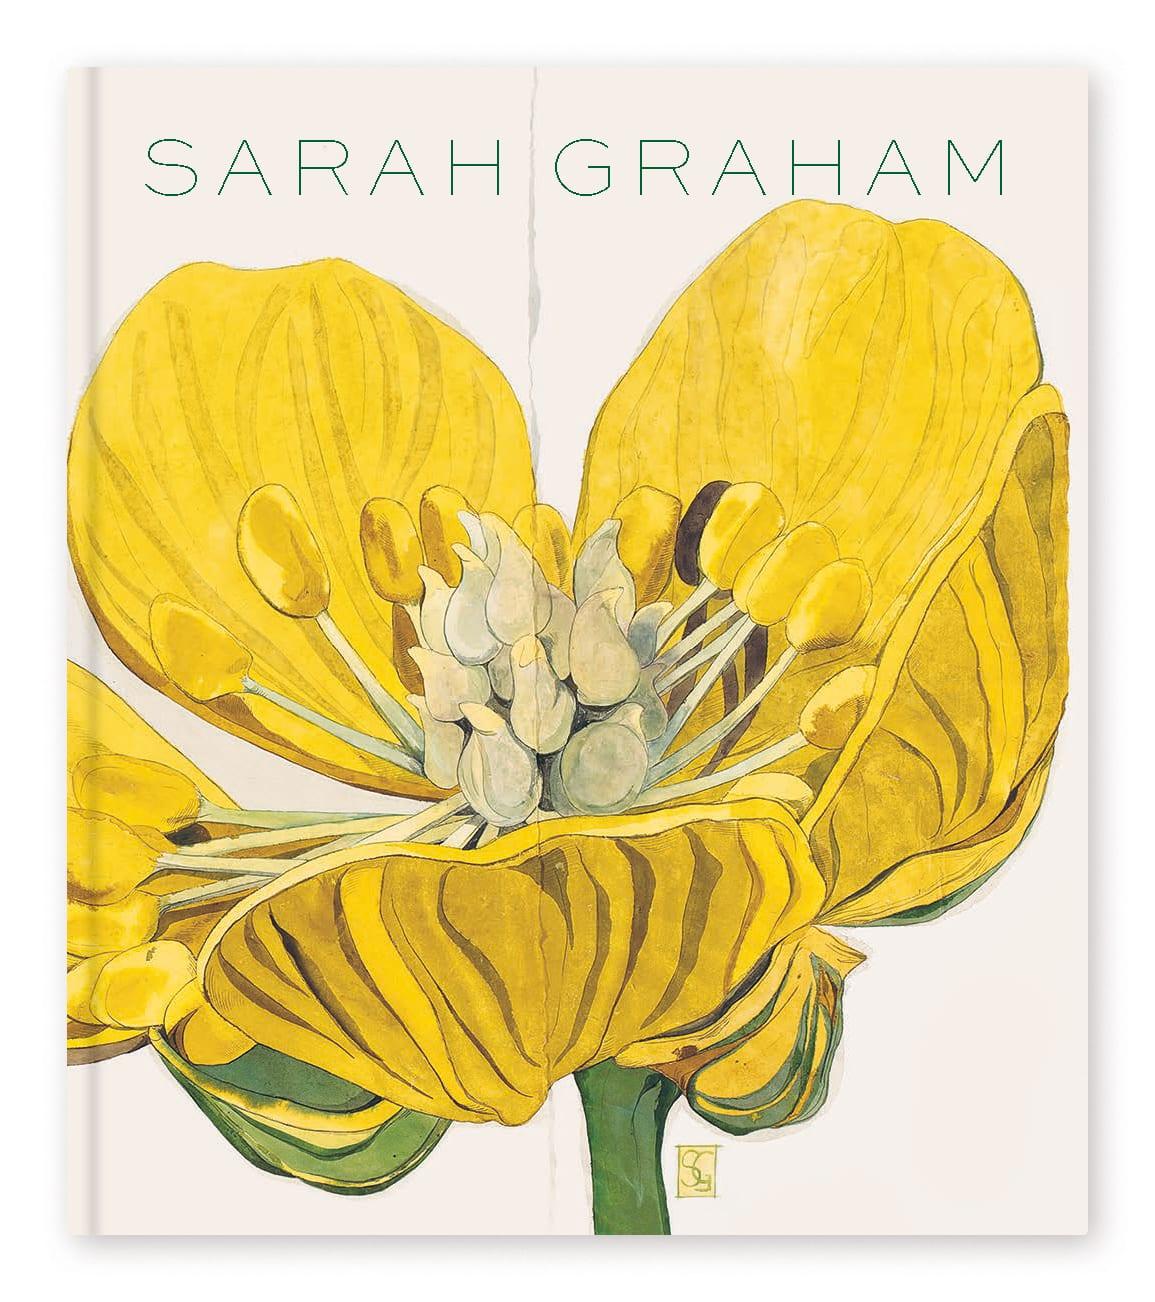 Sarah Graham, Monograph, 2020